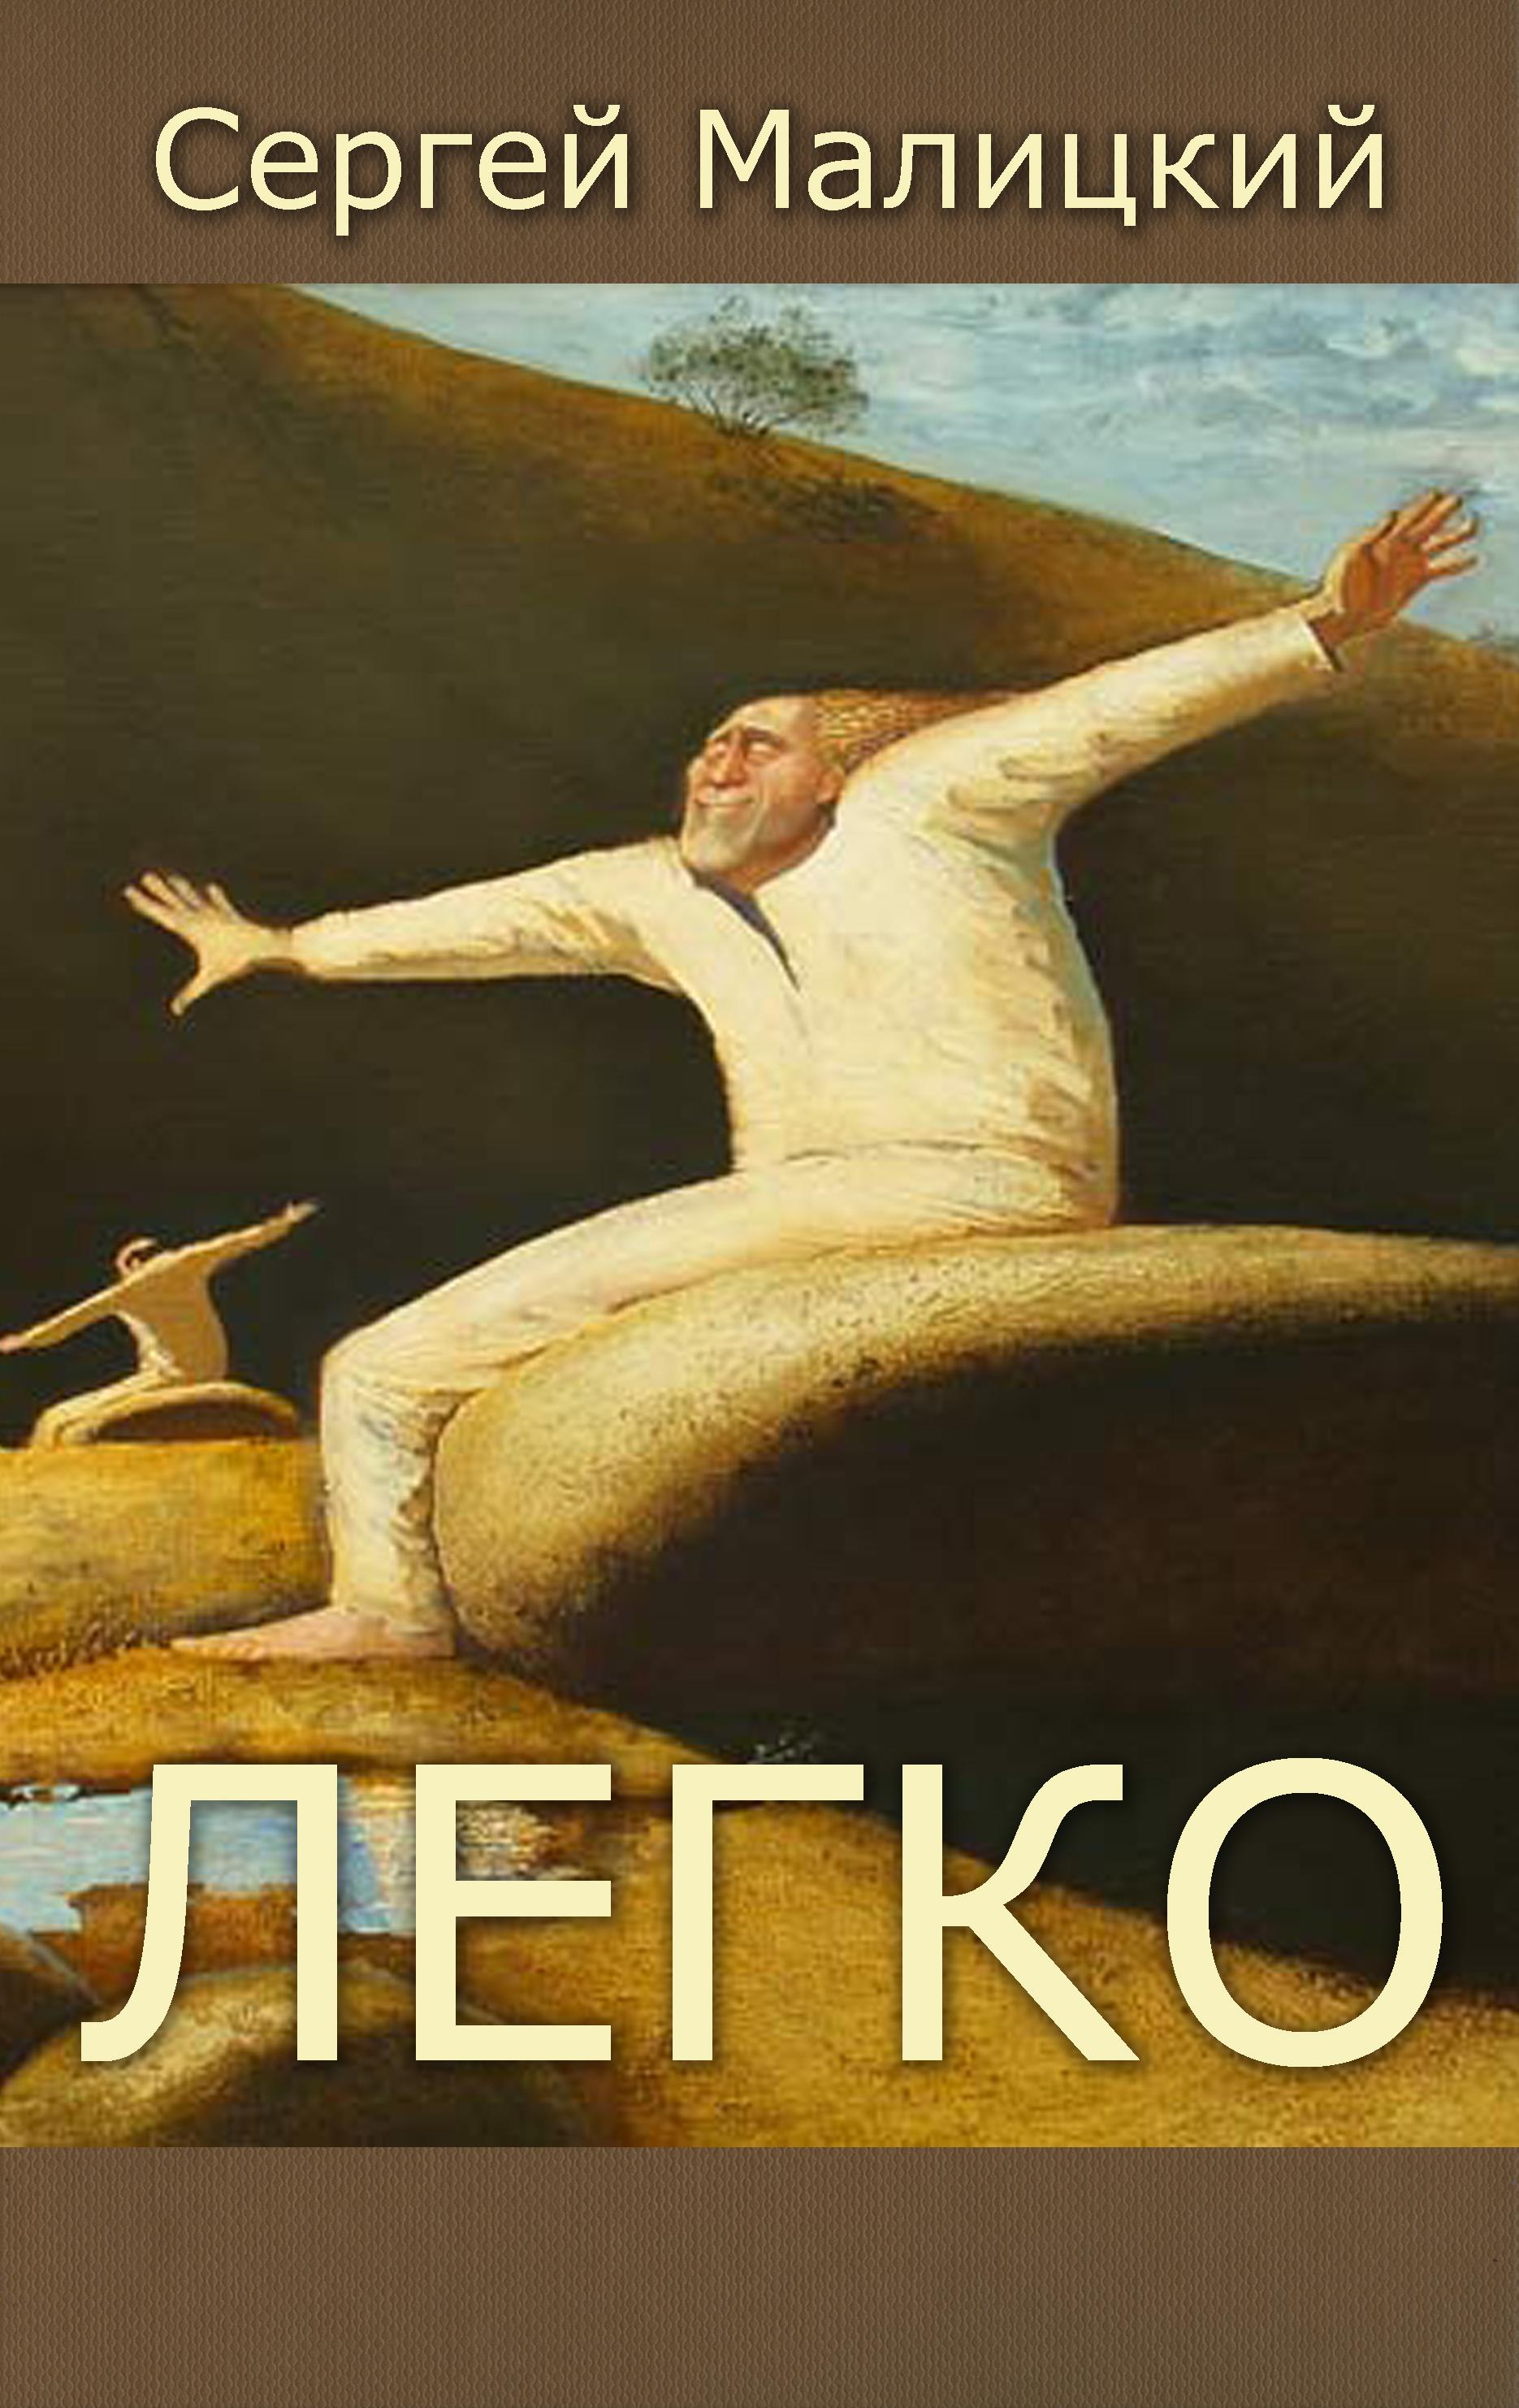 Сергей Малицкий Легко (сборник) десять рассказов